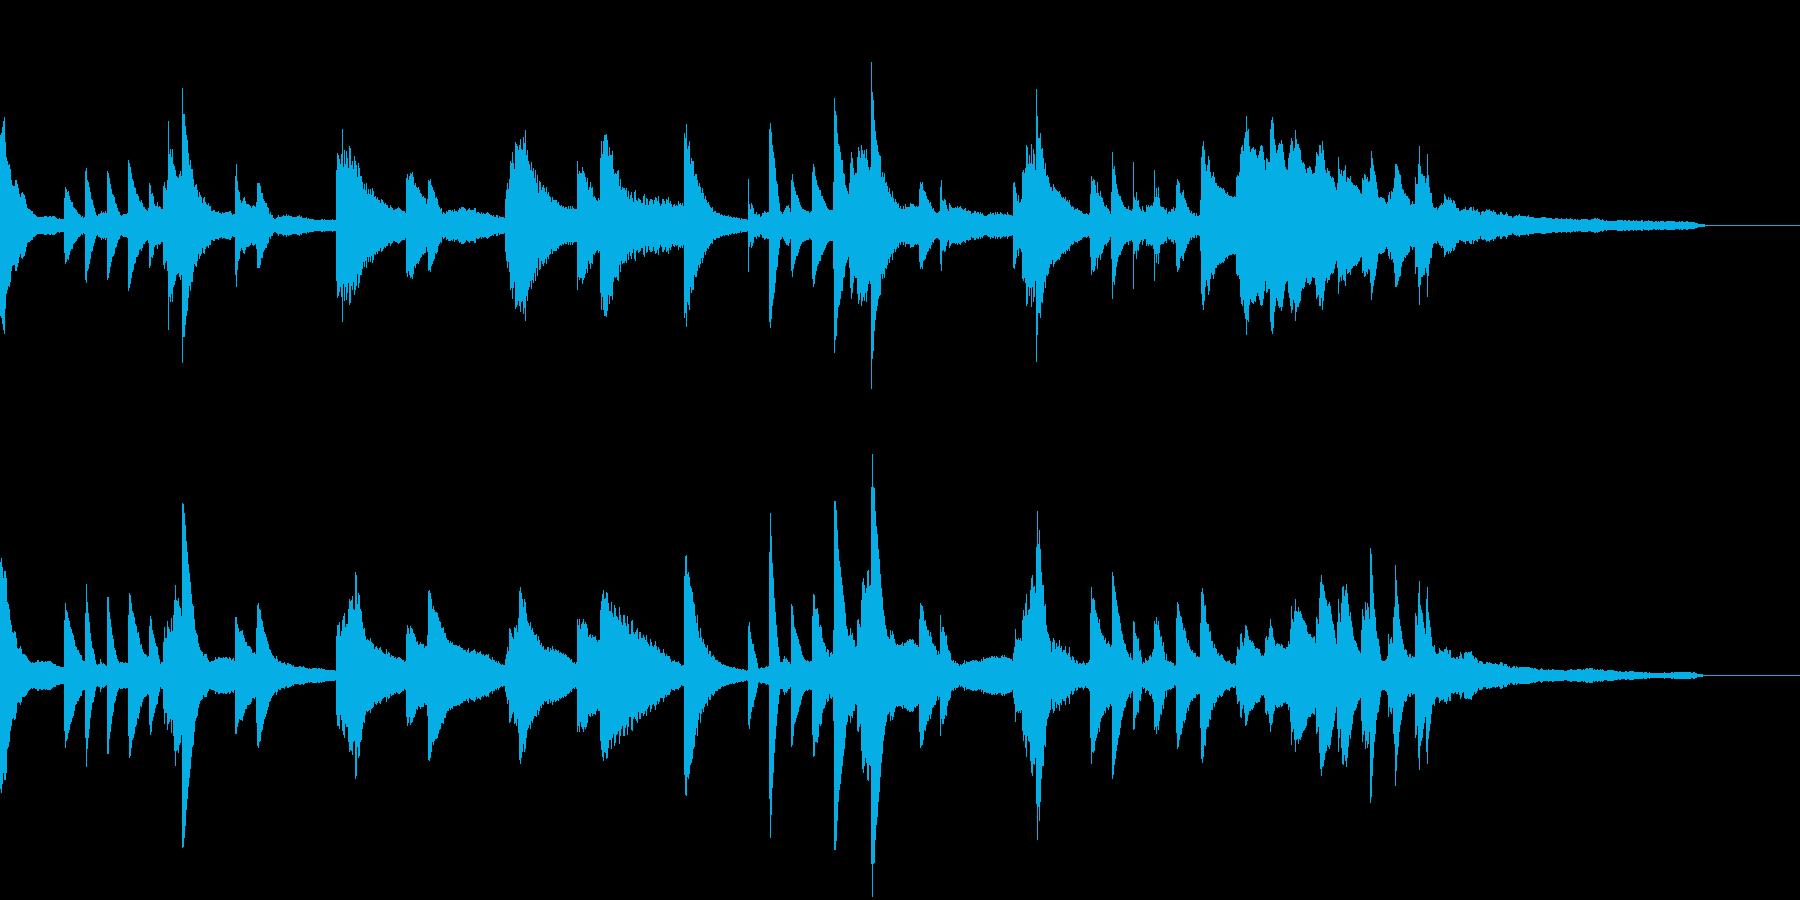 ハープっぽい神々しい幻想的ピアノジングルの再生済みの波形